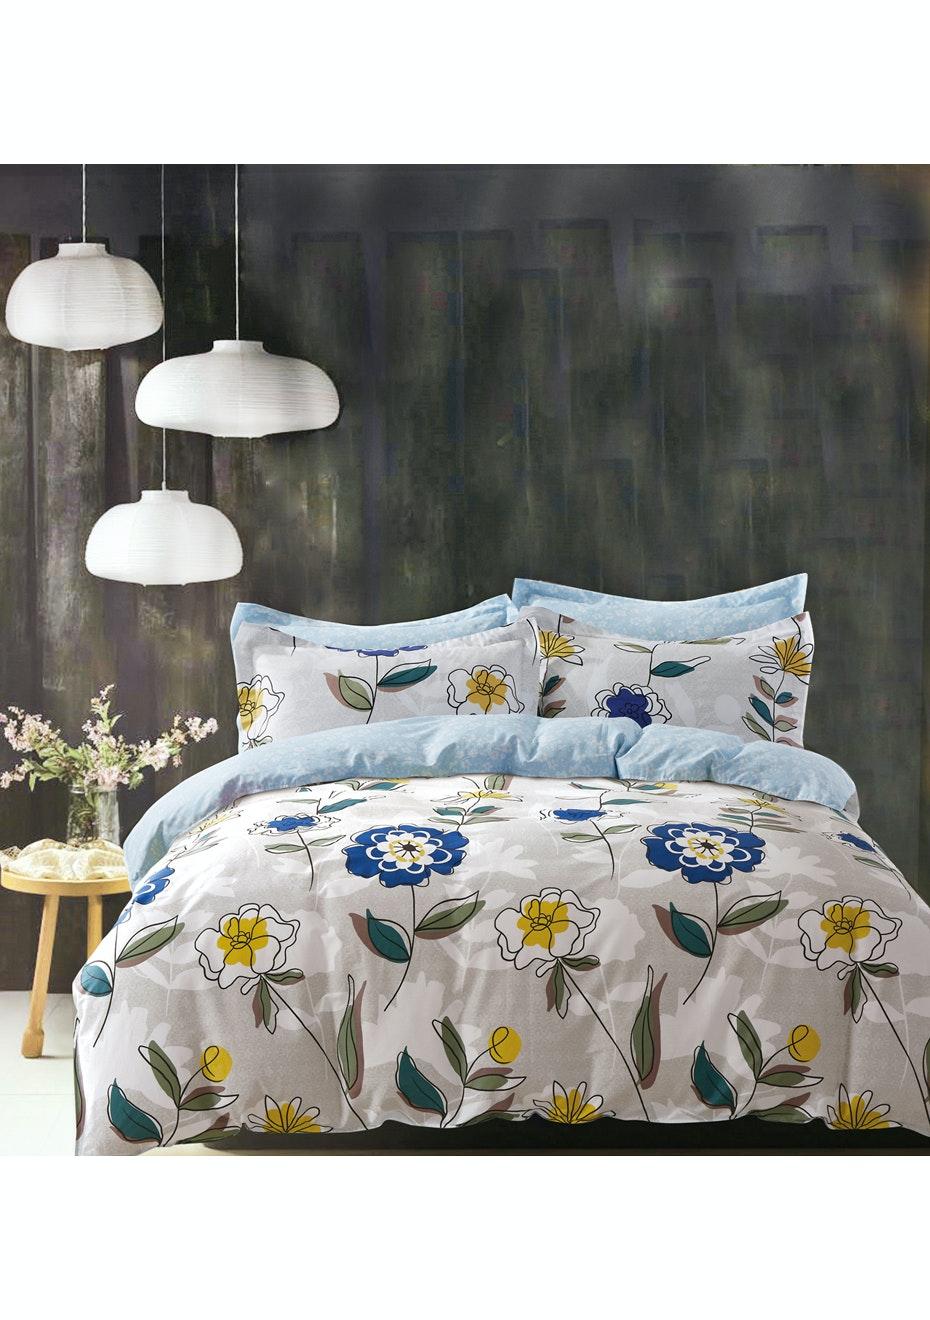 Jillian Quilt Cover Set - Reversible Design - 100% Cotton Single Bed